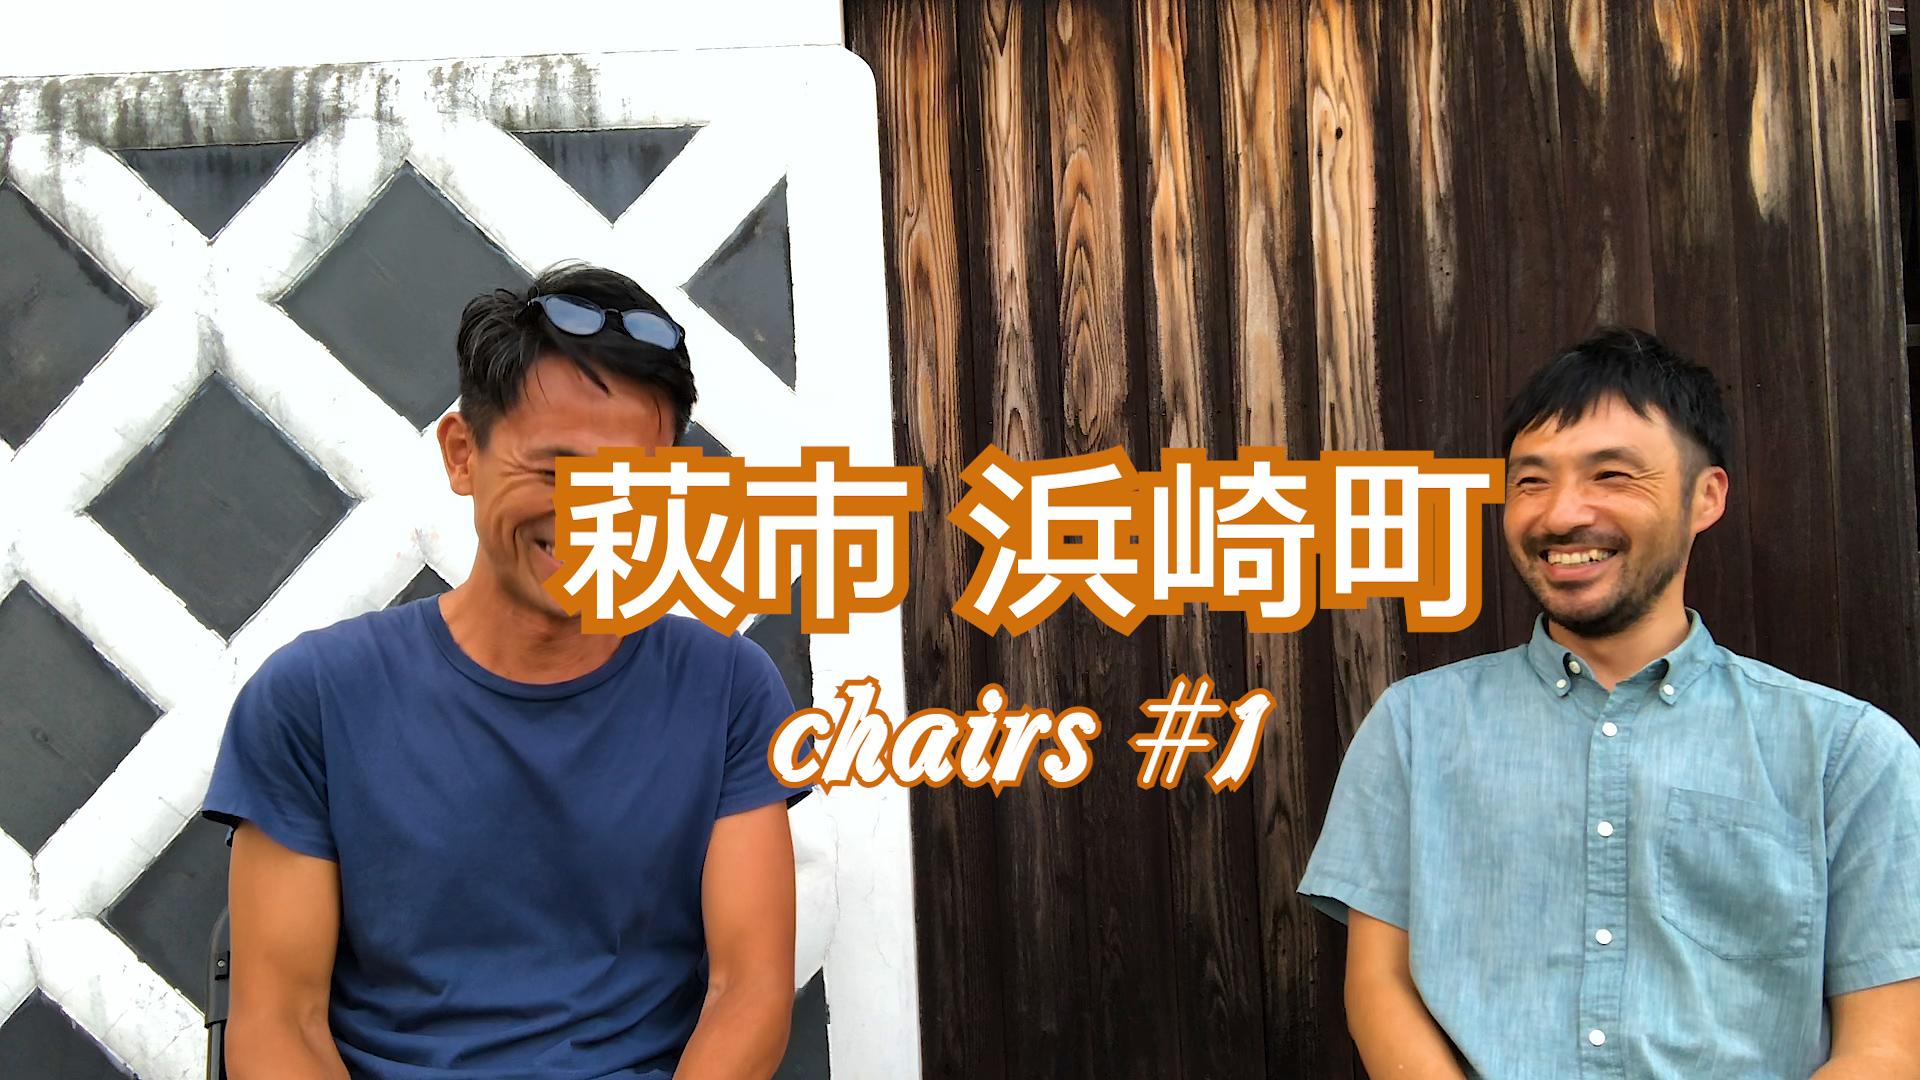 chairs#1 萩市浜崎町